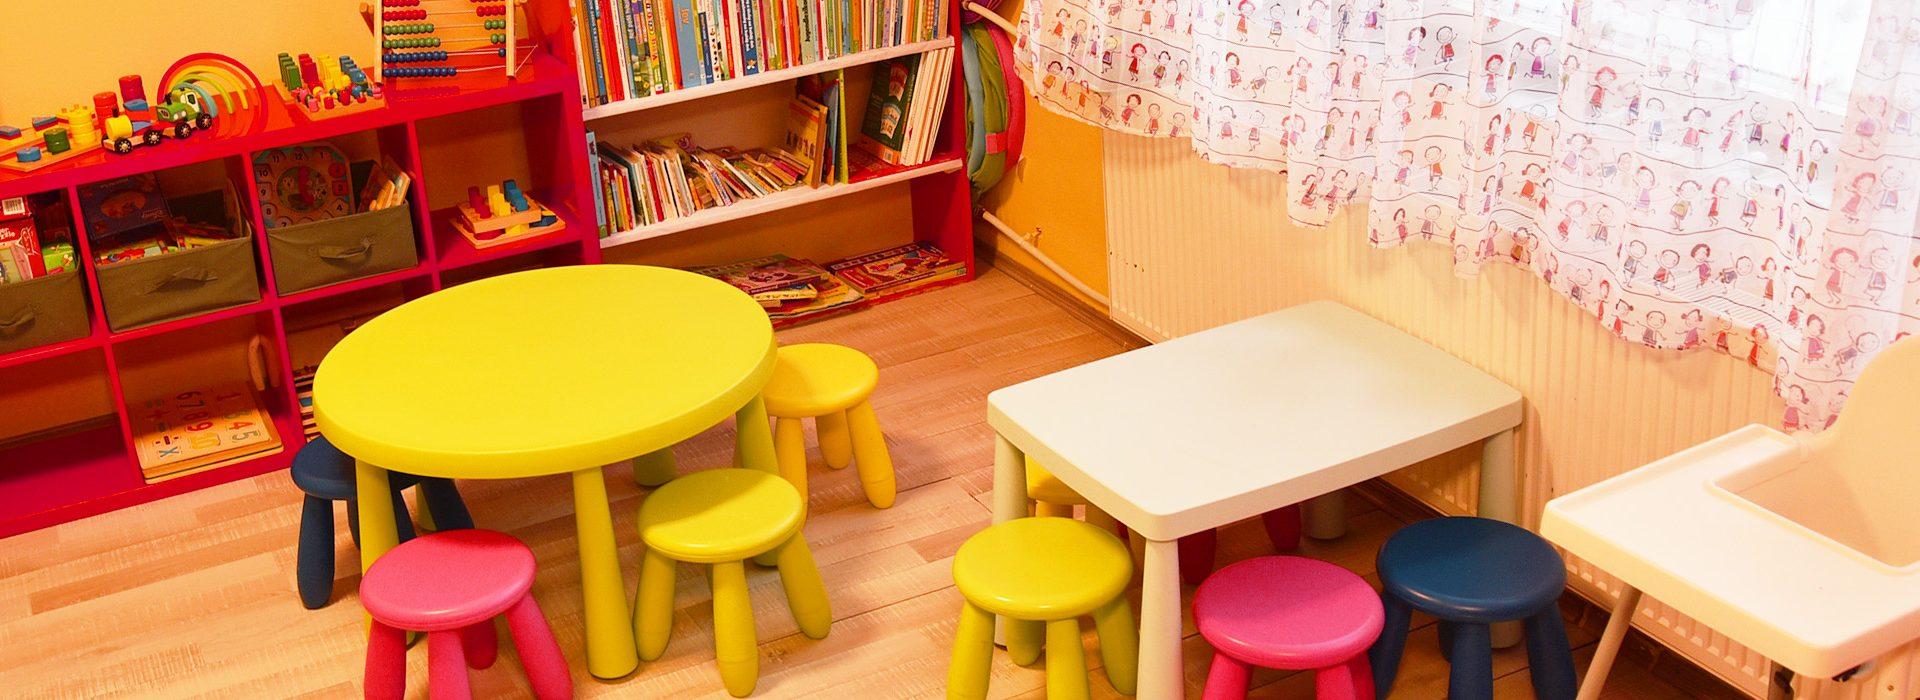 Škôlka – detské centrum Mini Raj pre deti od 2 do 6 rokov